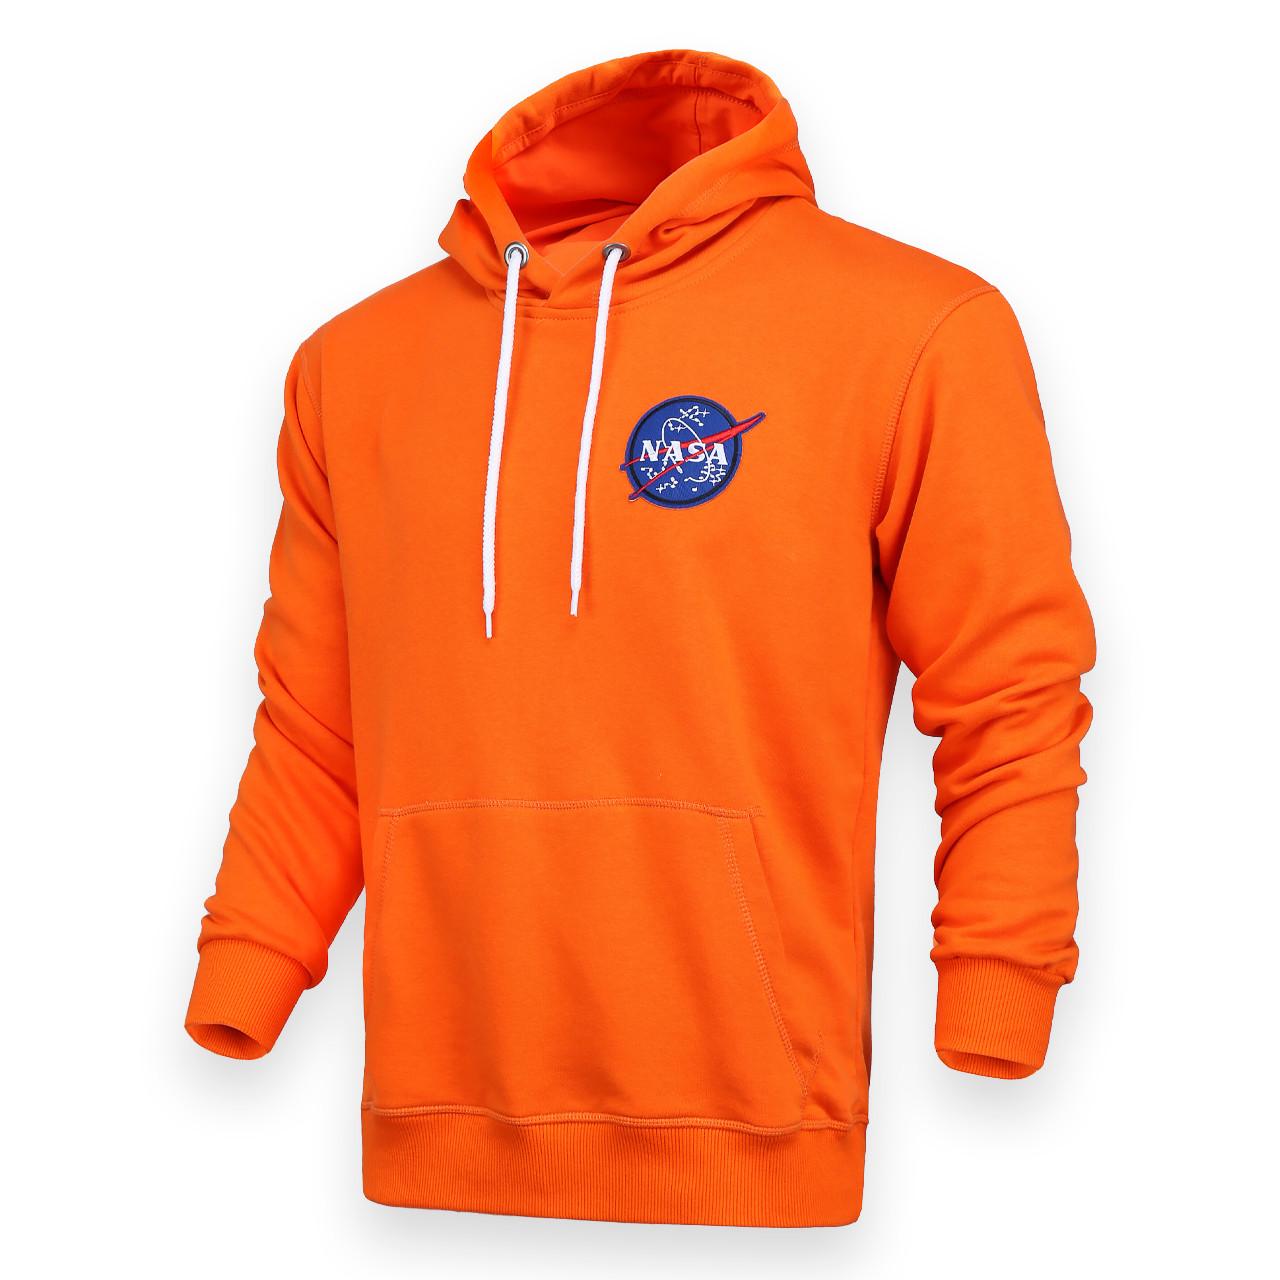 Худи оранжевый NASA с патчем Т-2 ORN S(Р) 20-586-201